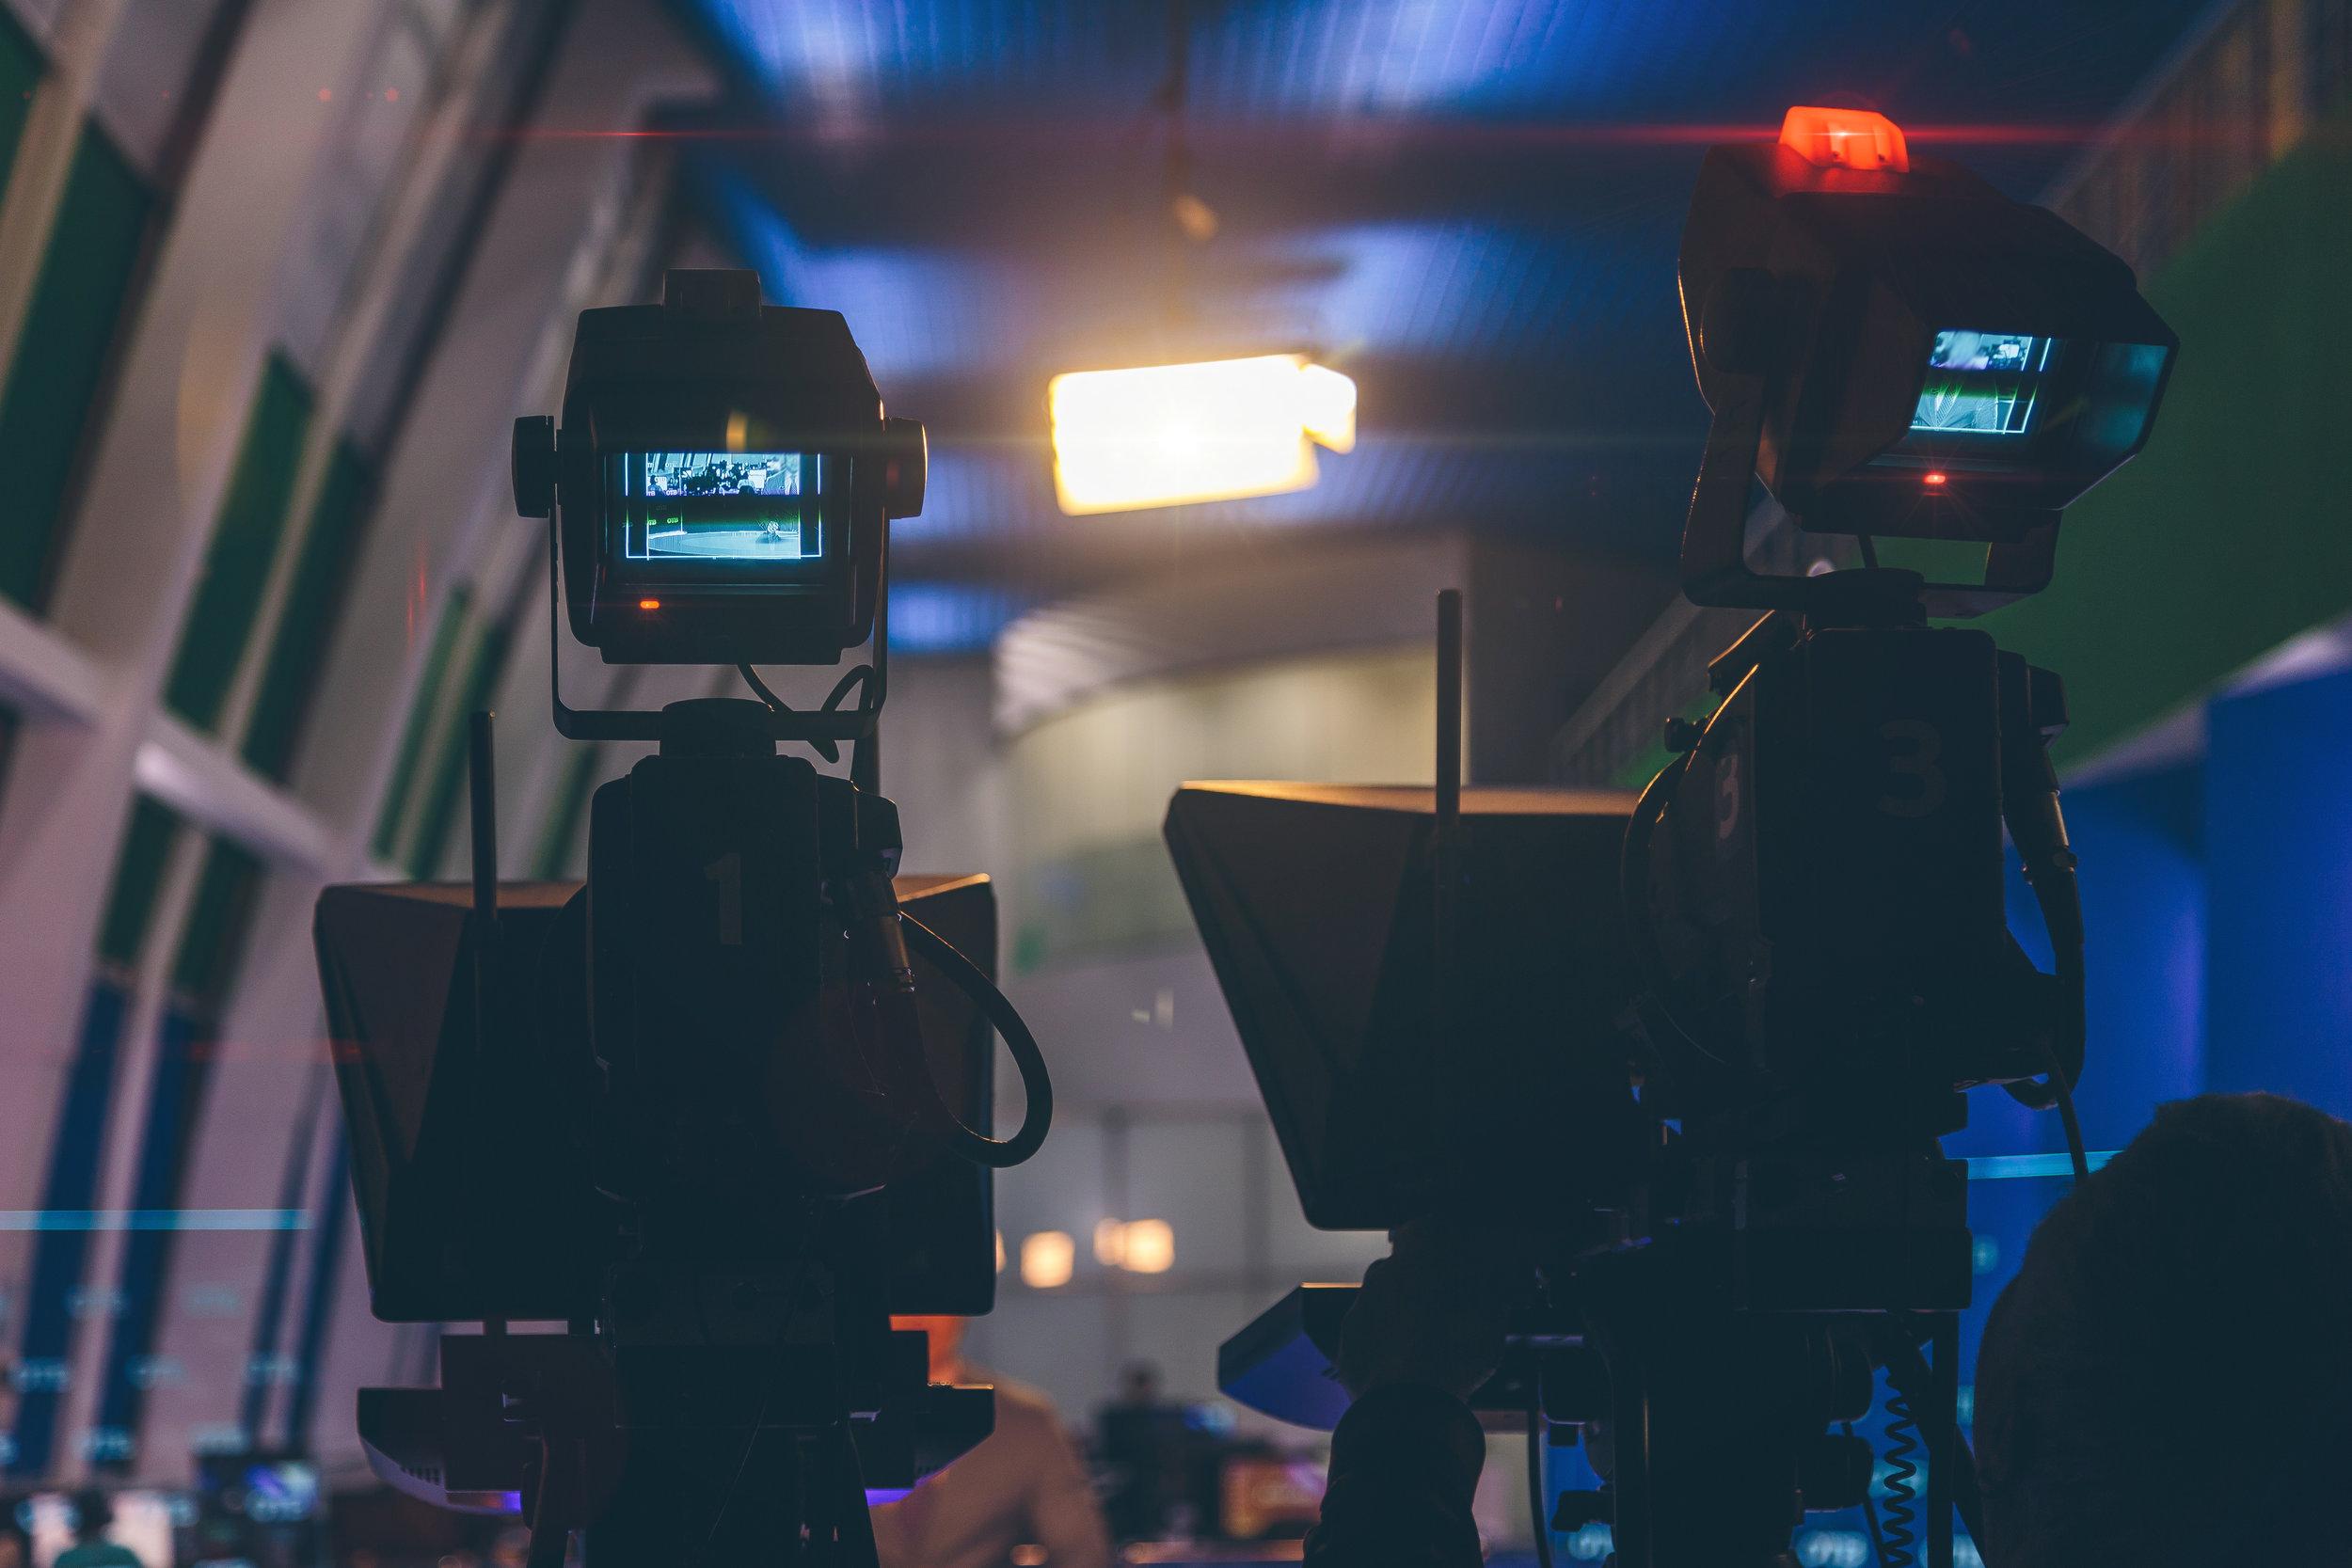 produzioni video  Tecnologia, esperienza e personale specializzato nella produzione di programmi tv, spot pubblicitari, videoclip musicali, tutorial web, un servizio a 360° dall'ideazione alla scrittura, alla realizzazione fino al montaggio.